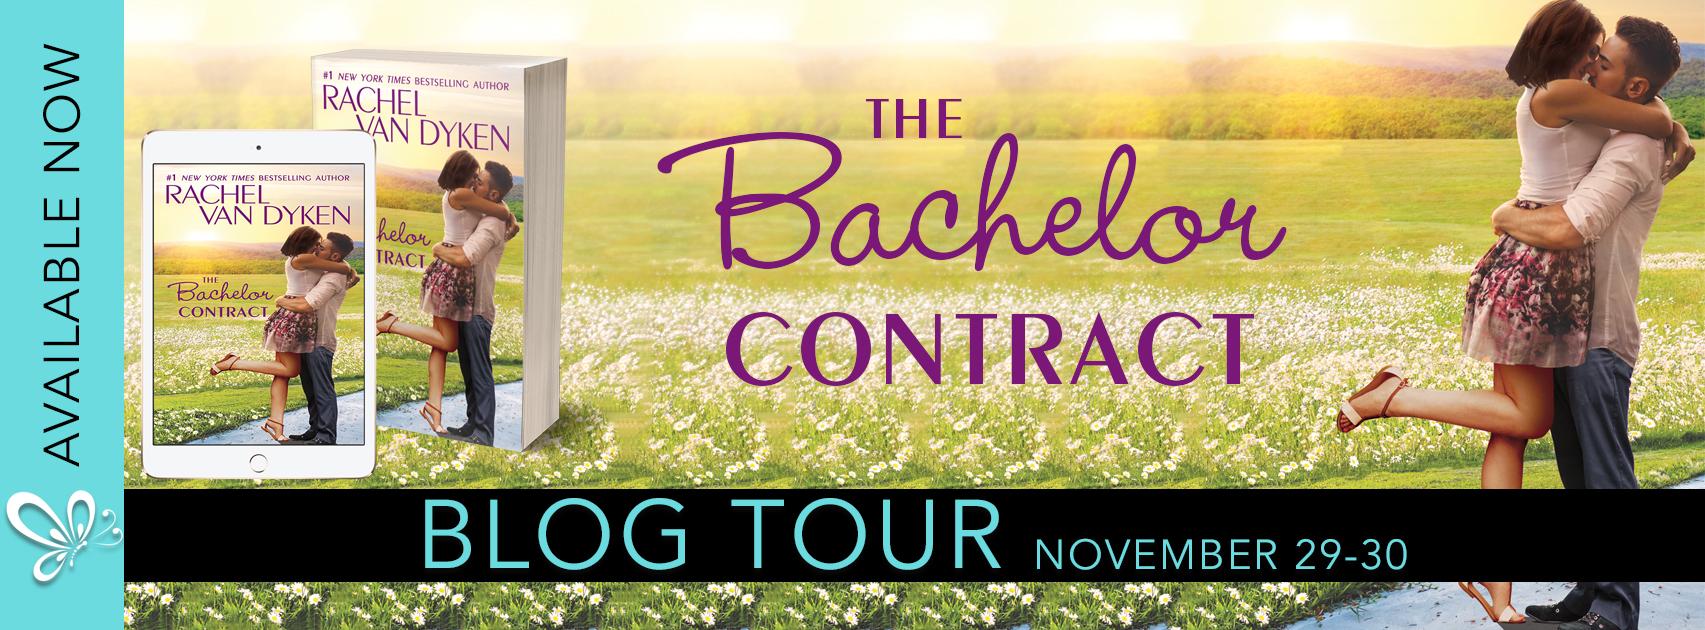 Blog Tour: The Bachelor Contract by Rachel Van Dyken